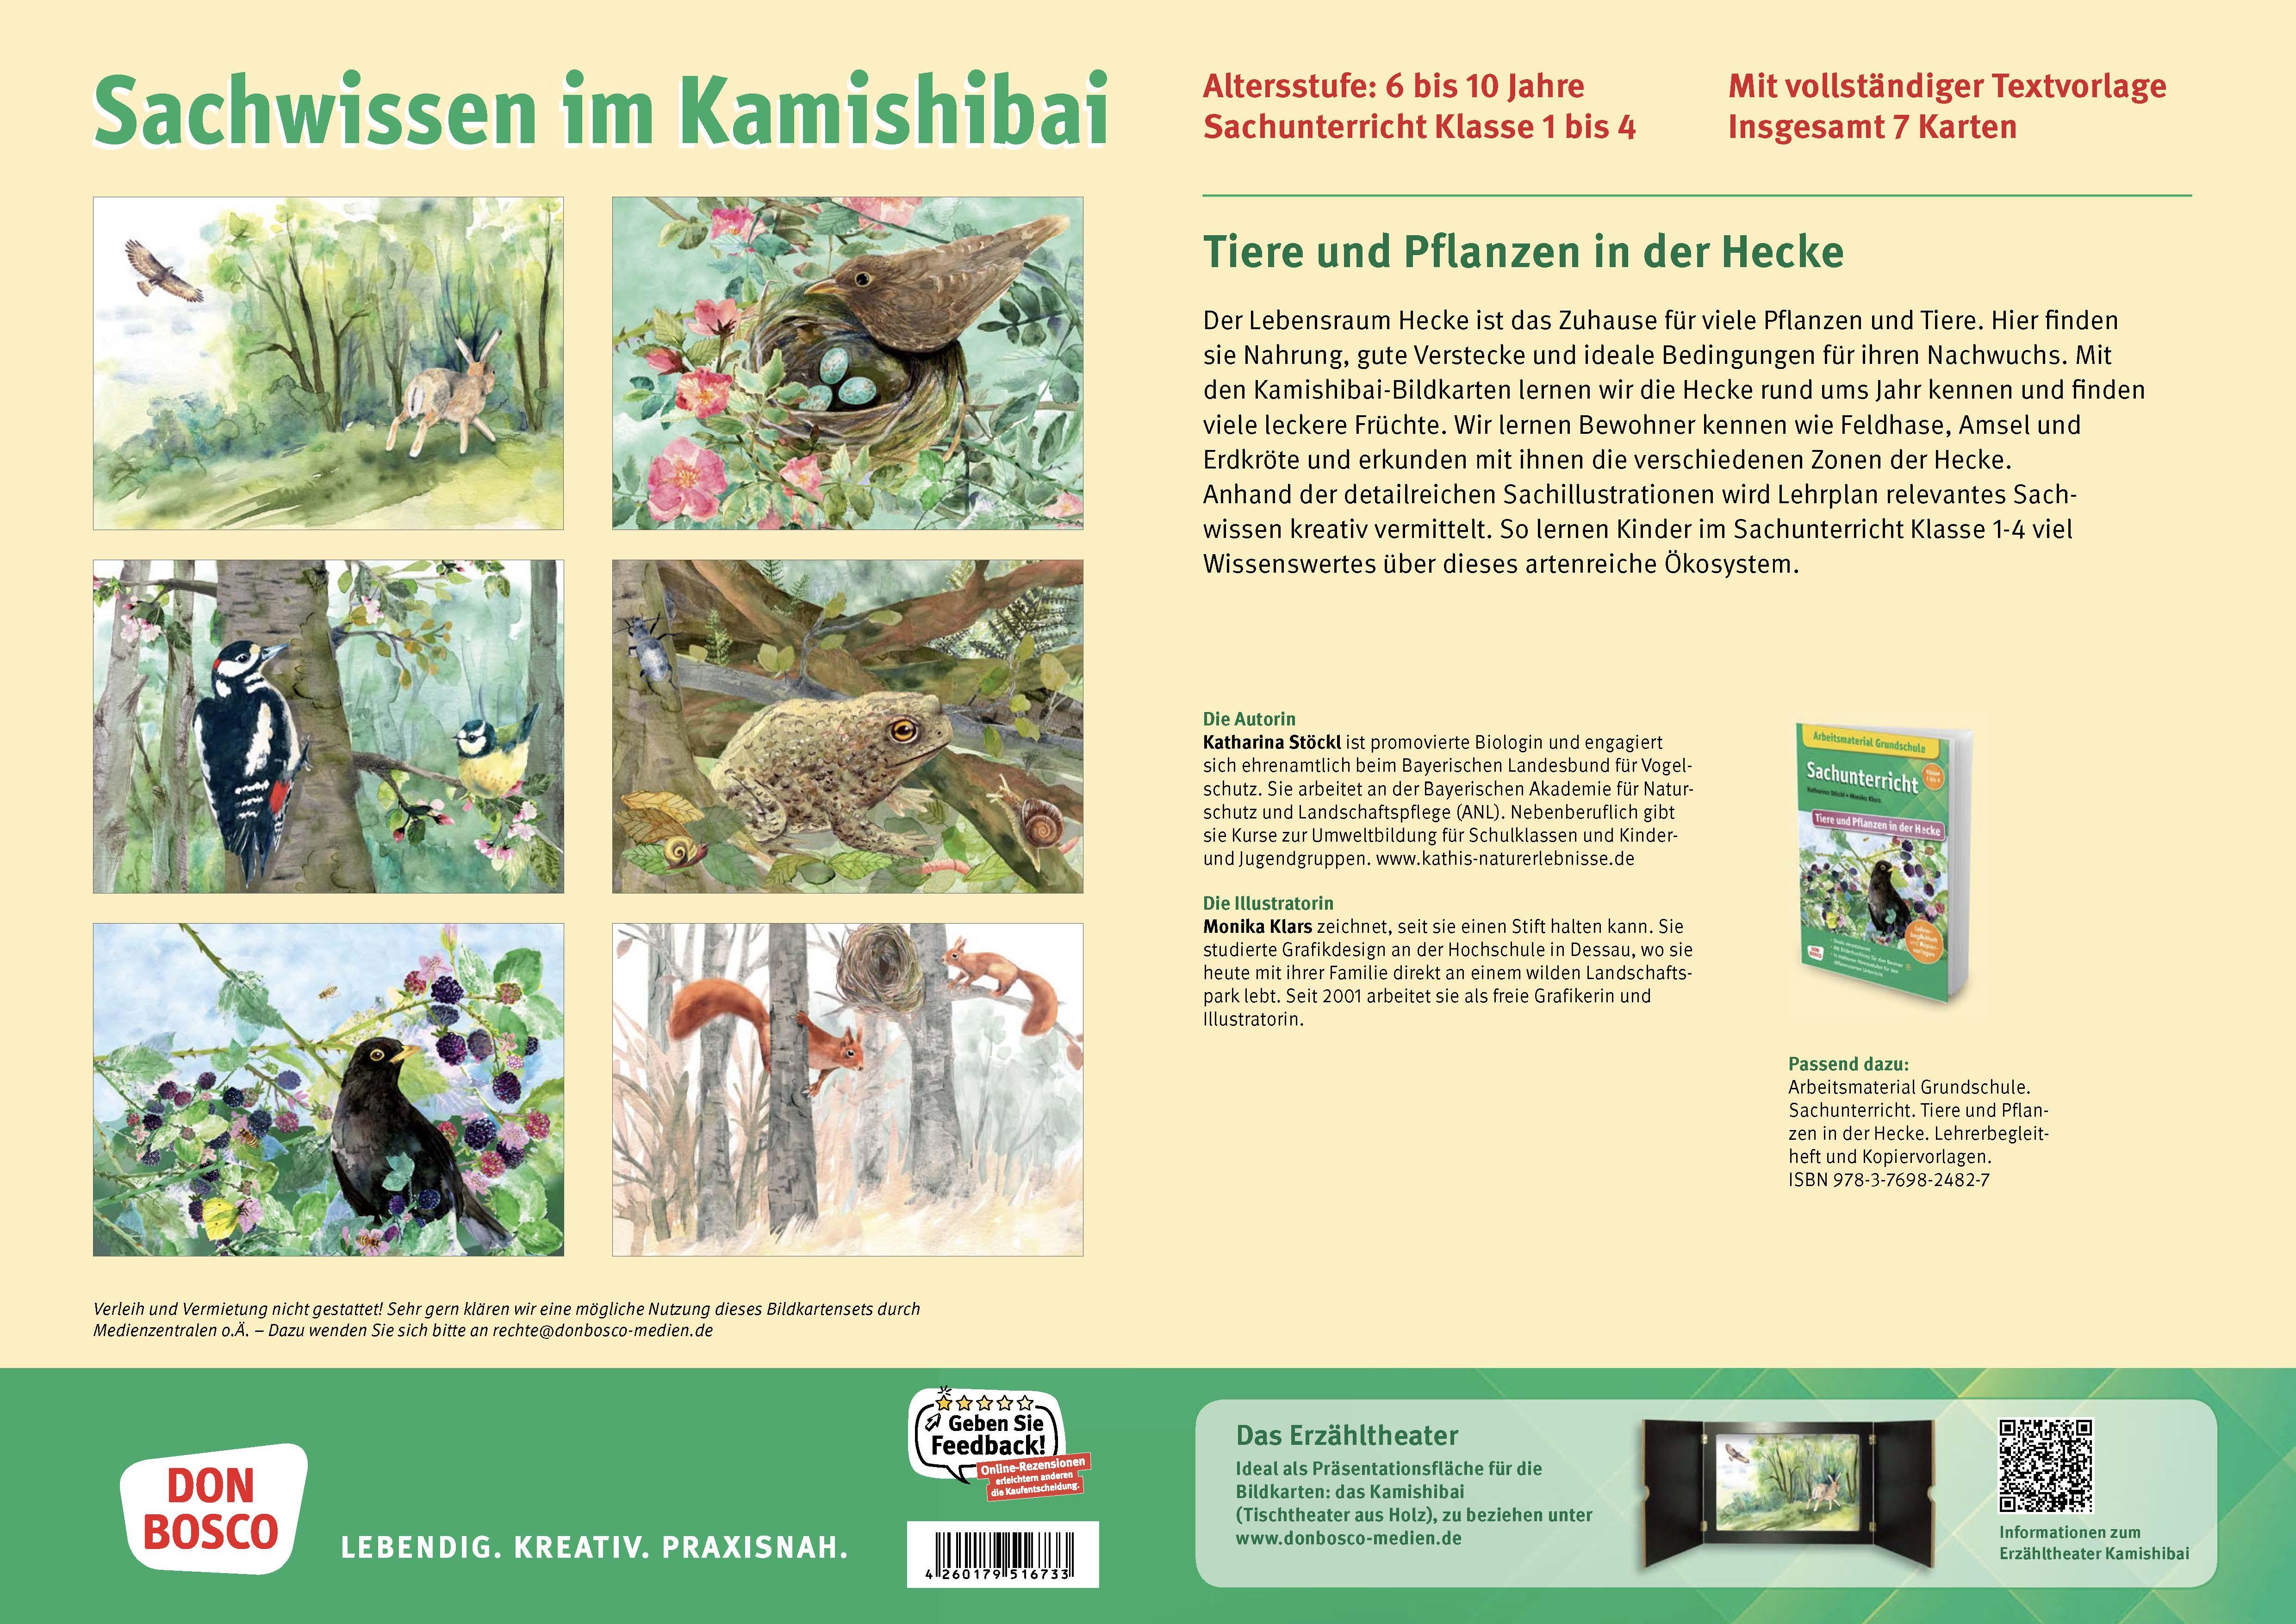 Innenansicht zu Tiere und Pflanzen in der Hecke. eKami.